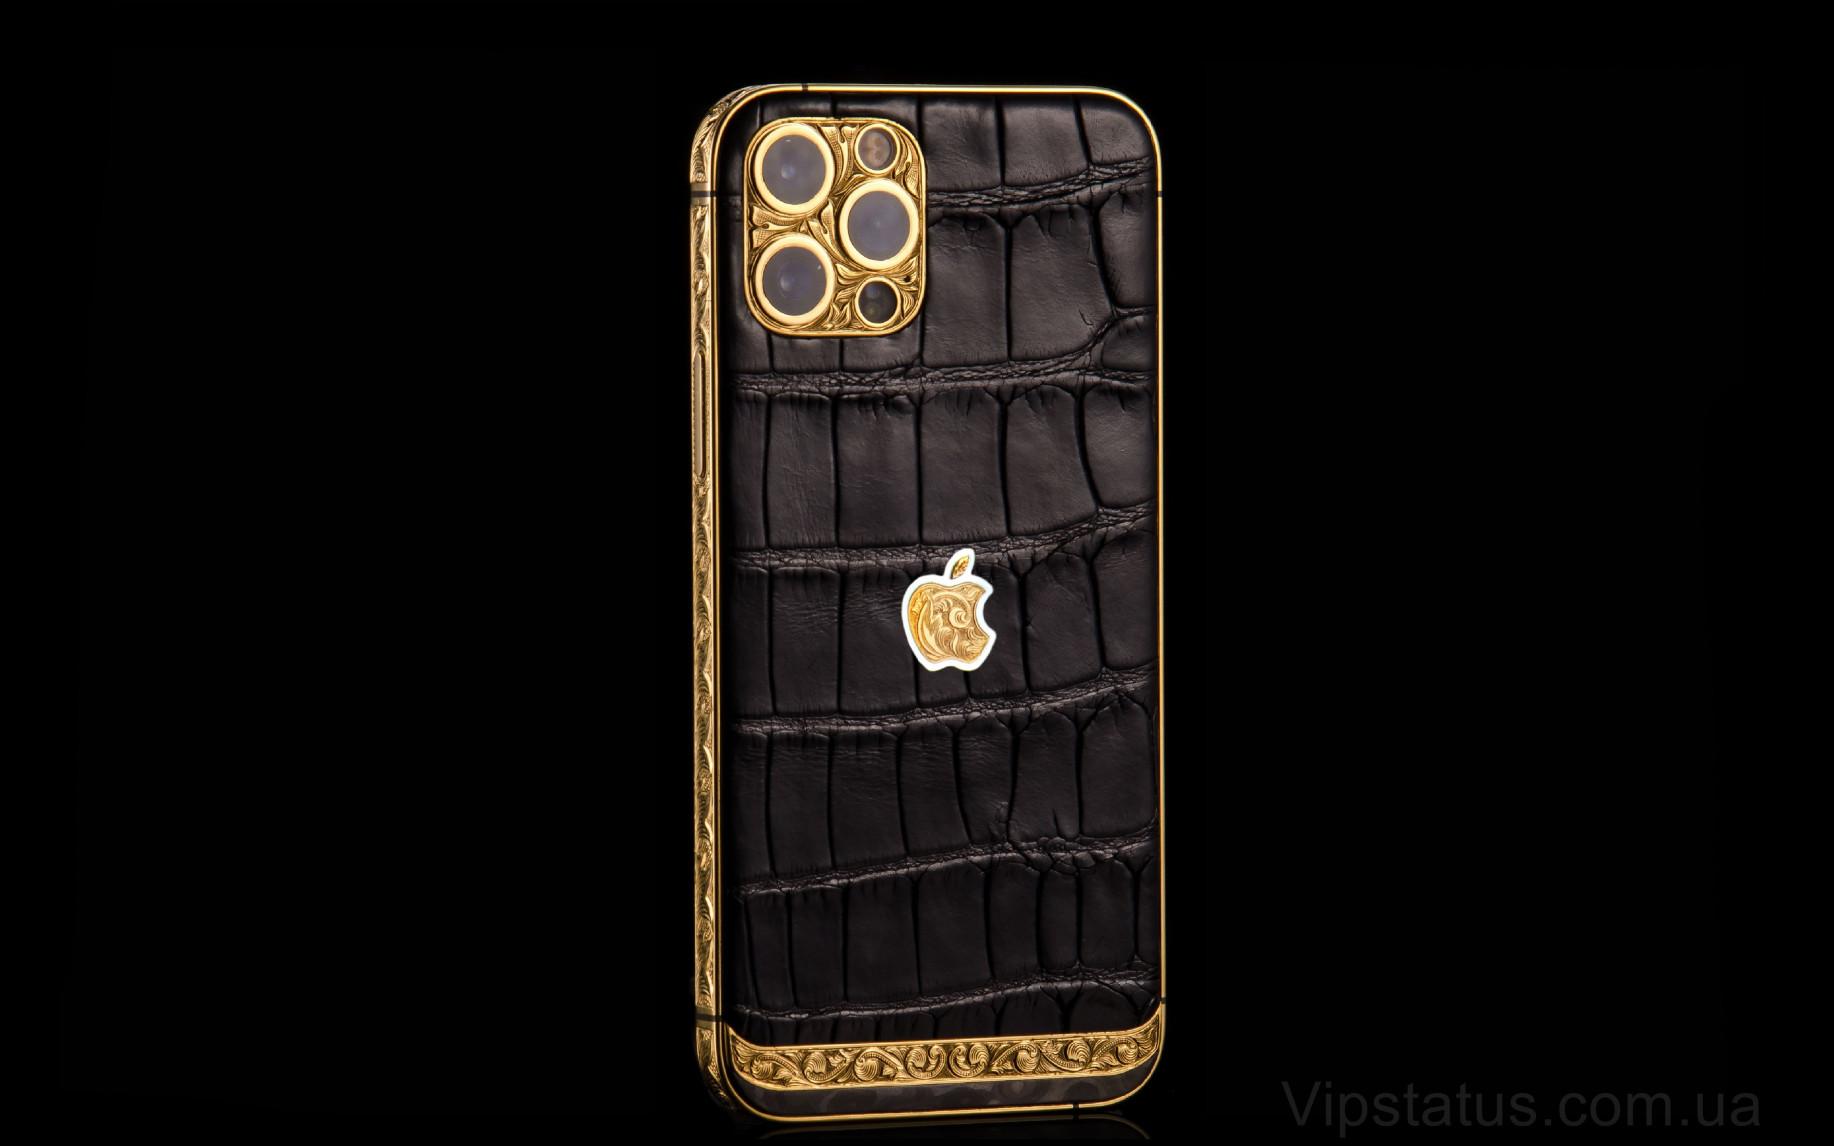 Elite Magic Apple Black IPHONE 12 PRO MAX 512 GB Magic Apple Black IPHONE 12 PRO MAX 512 GB image 1